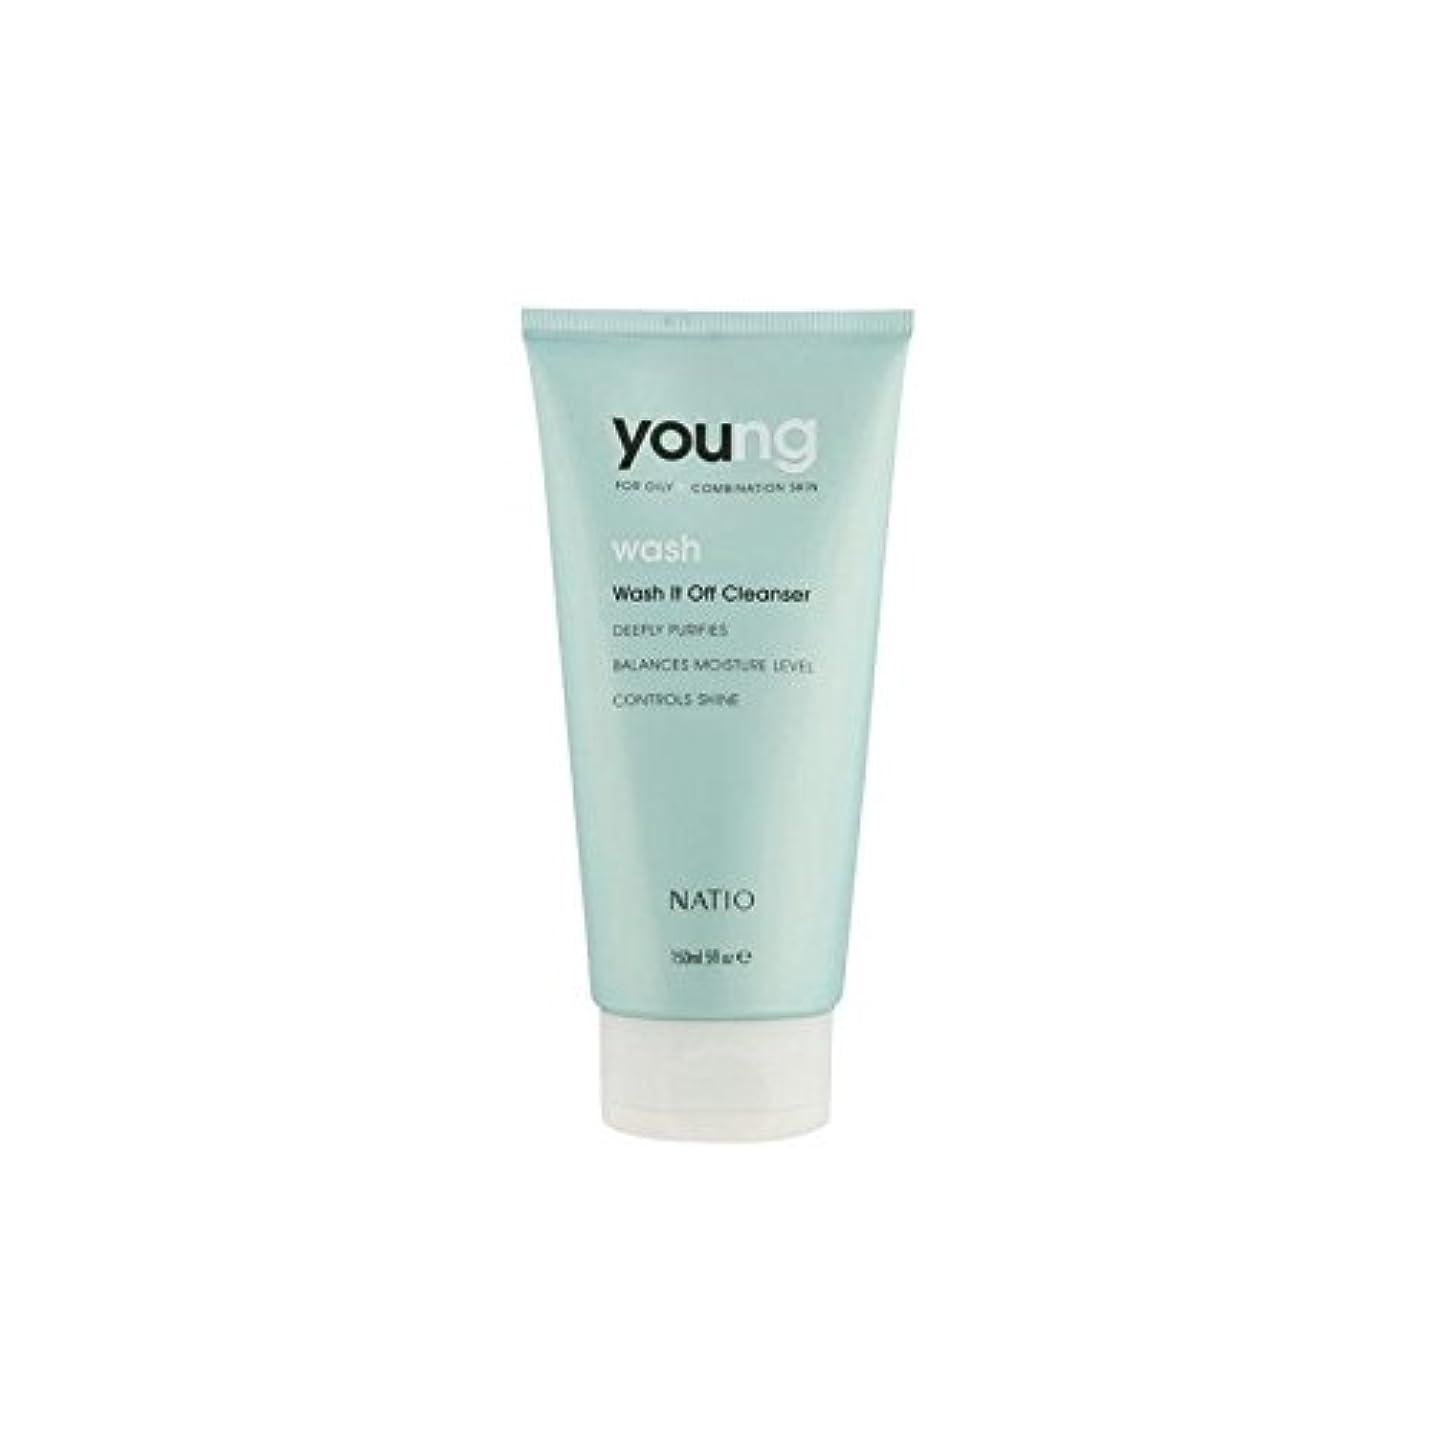 パステル戸棚突き出すNatio Young Wash It Off Cleanser (150ml) (Pack of 6) - 若いウォッシュそれオフクレンザー(150ミリリットル) x6 [並行輸入品]